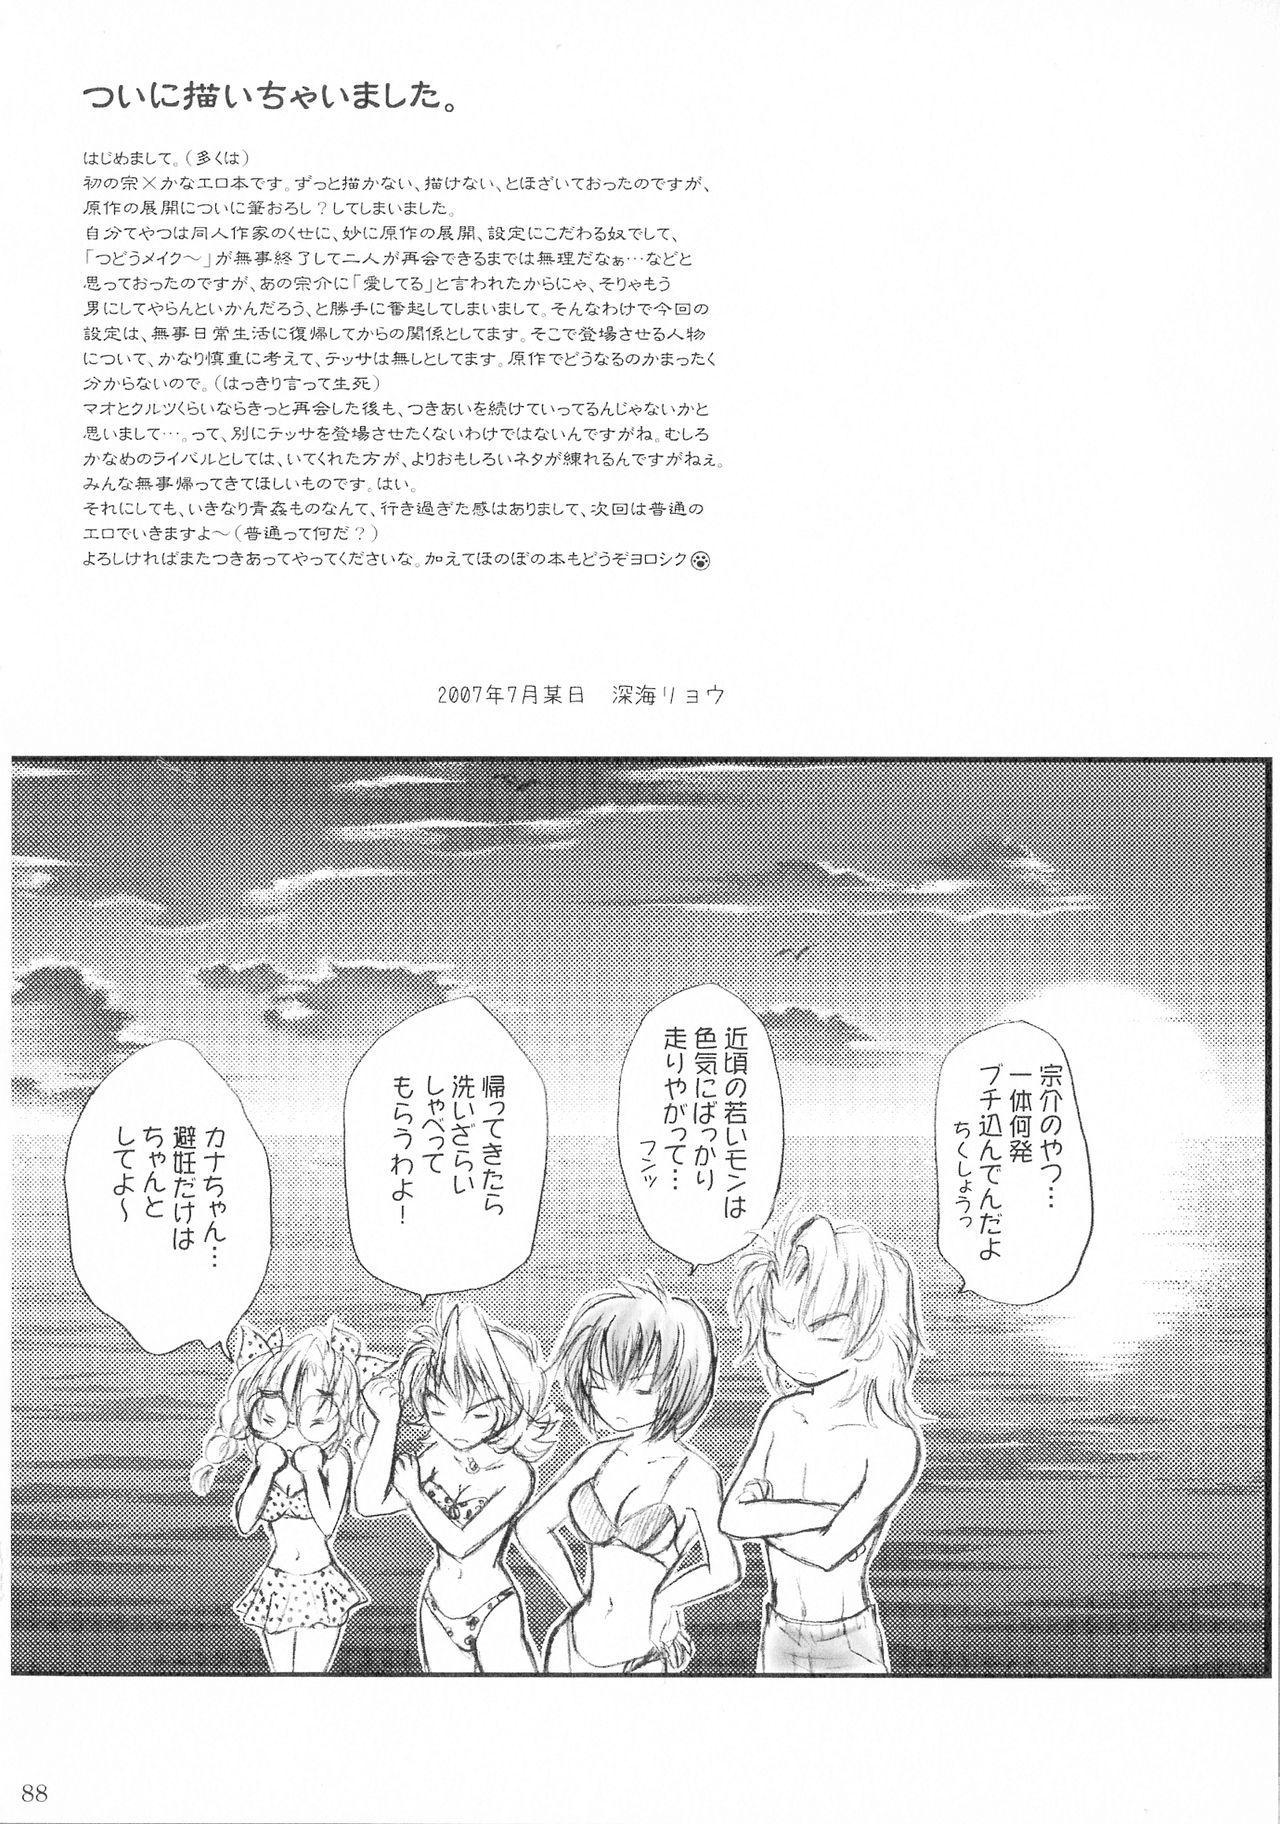 SEXY PANIC Sairoku-shuu VOL.3 87